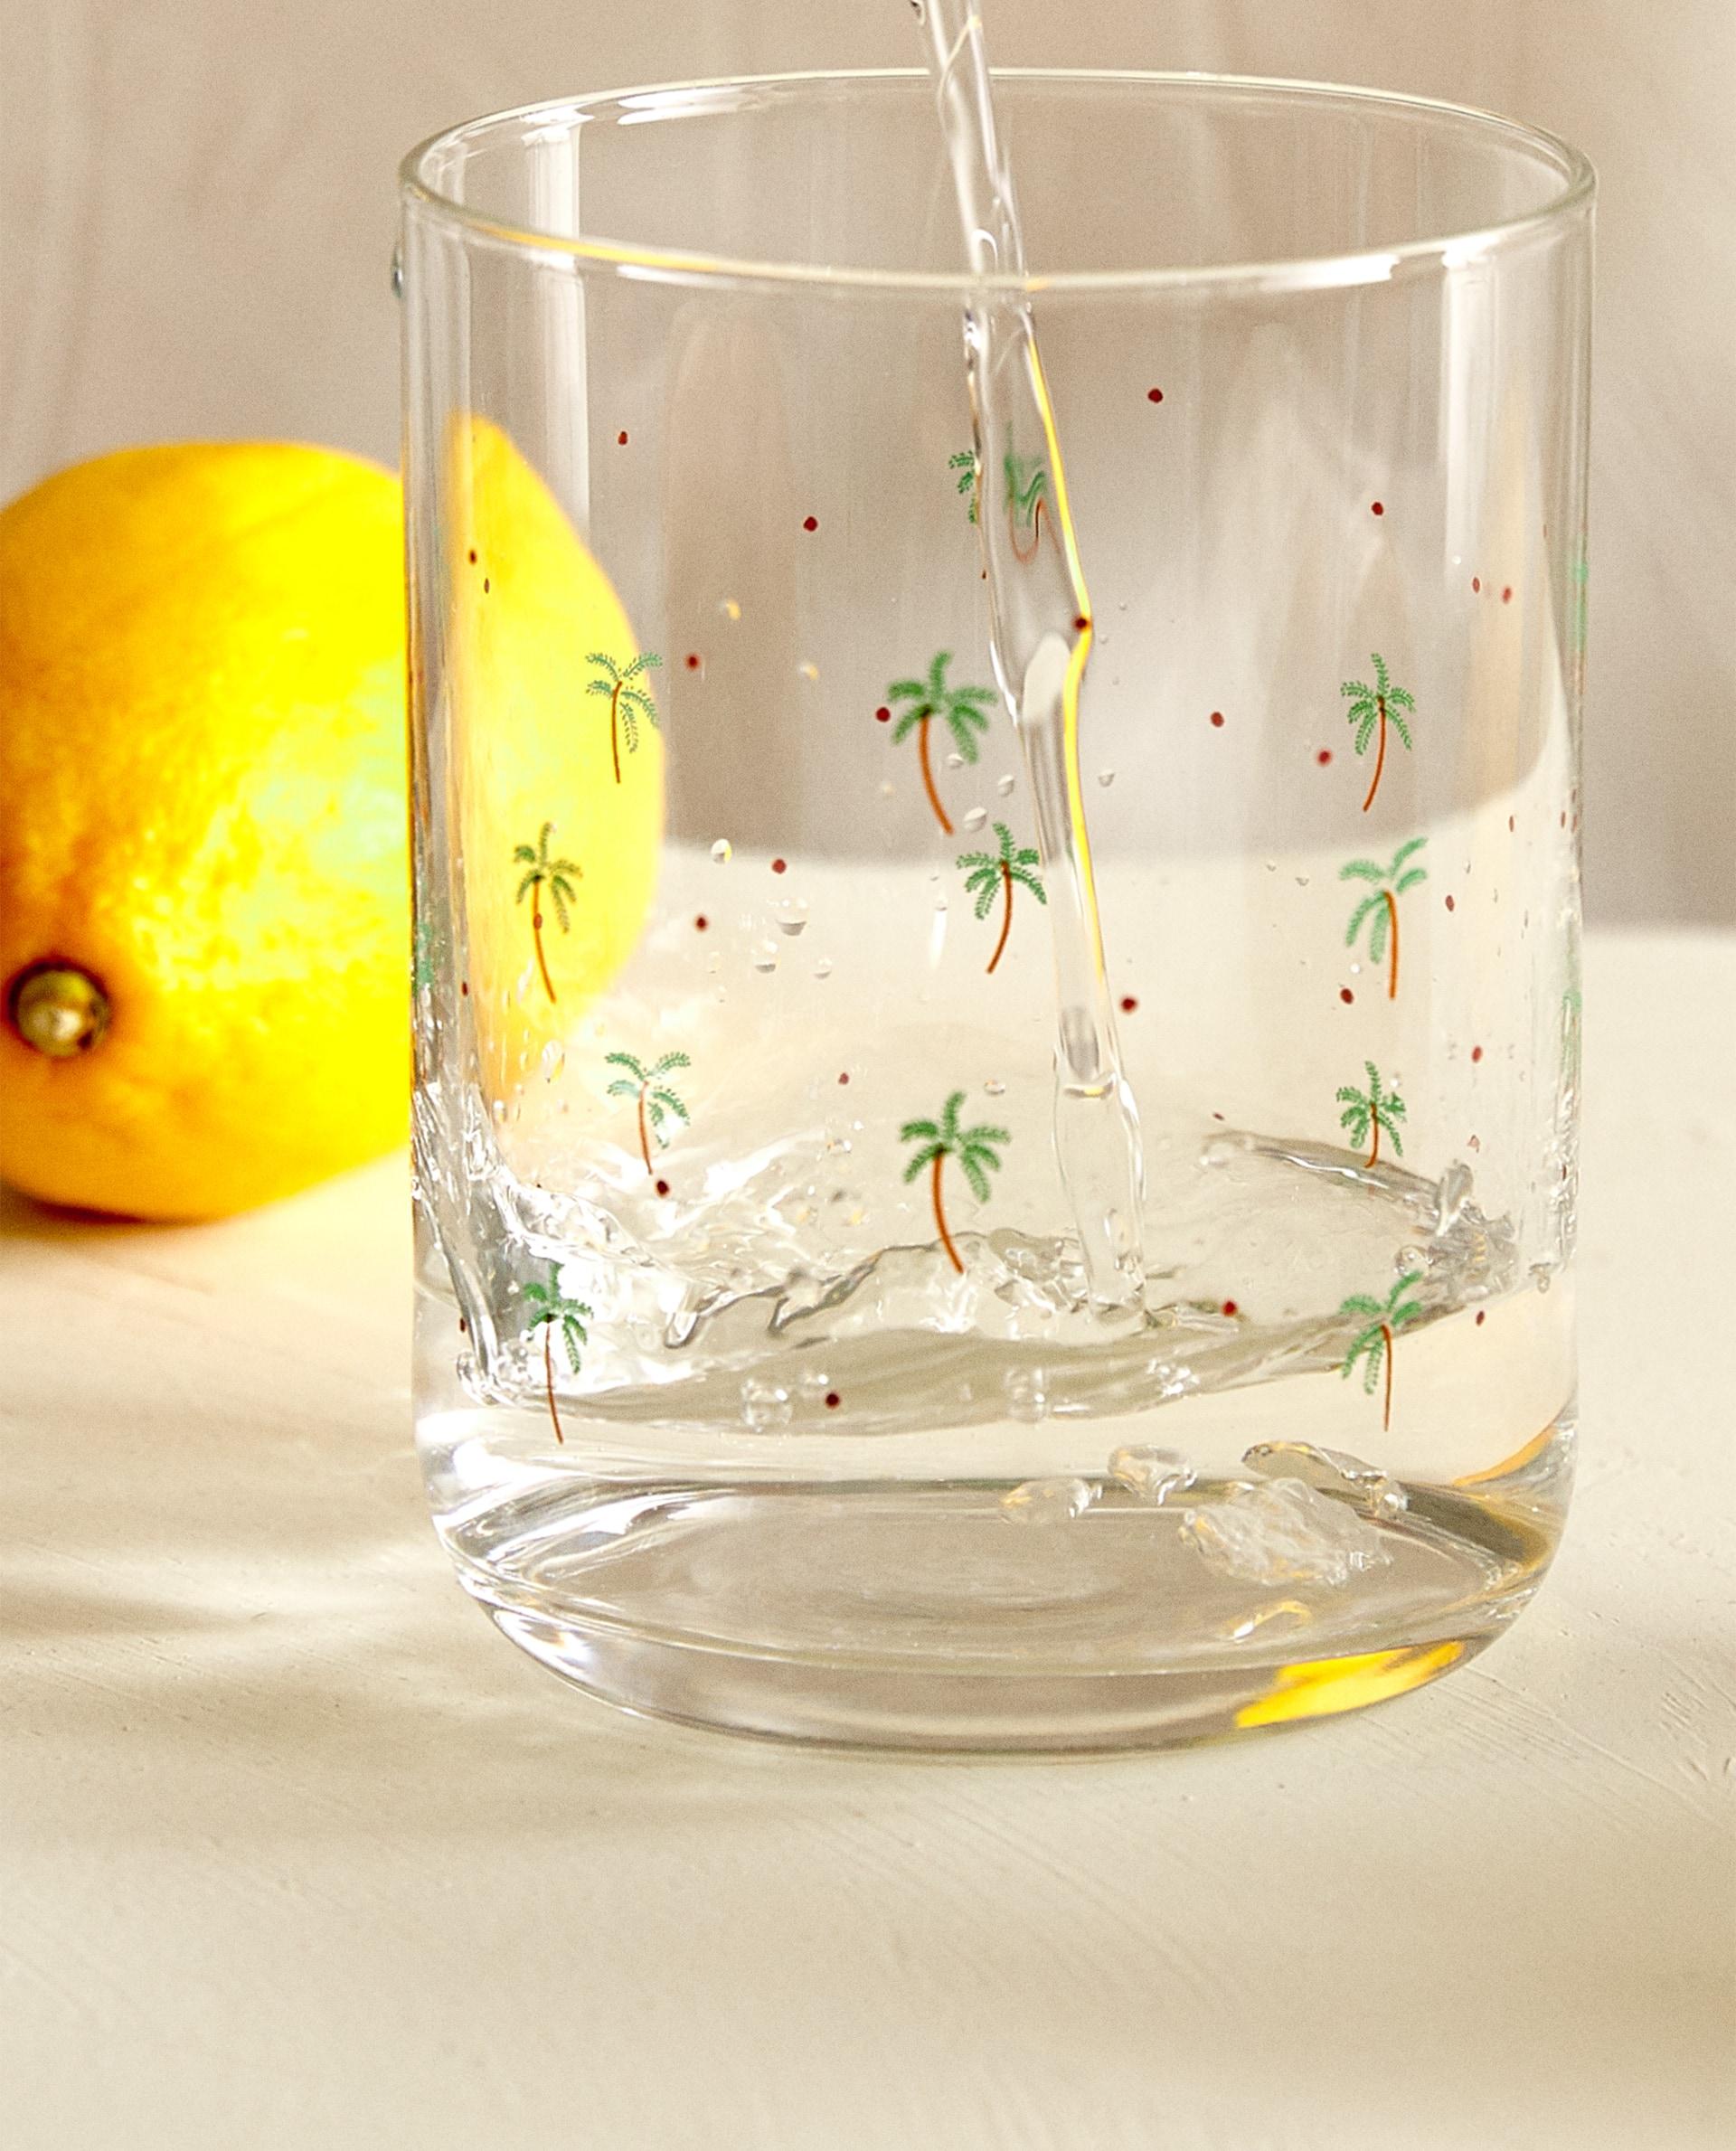 Vasos de vidrio con dibujos de palmeras de Zara Home (3,99 cada unidad) / Zara Home